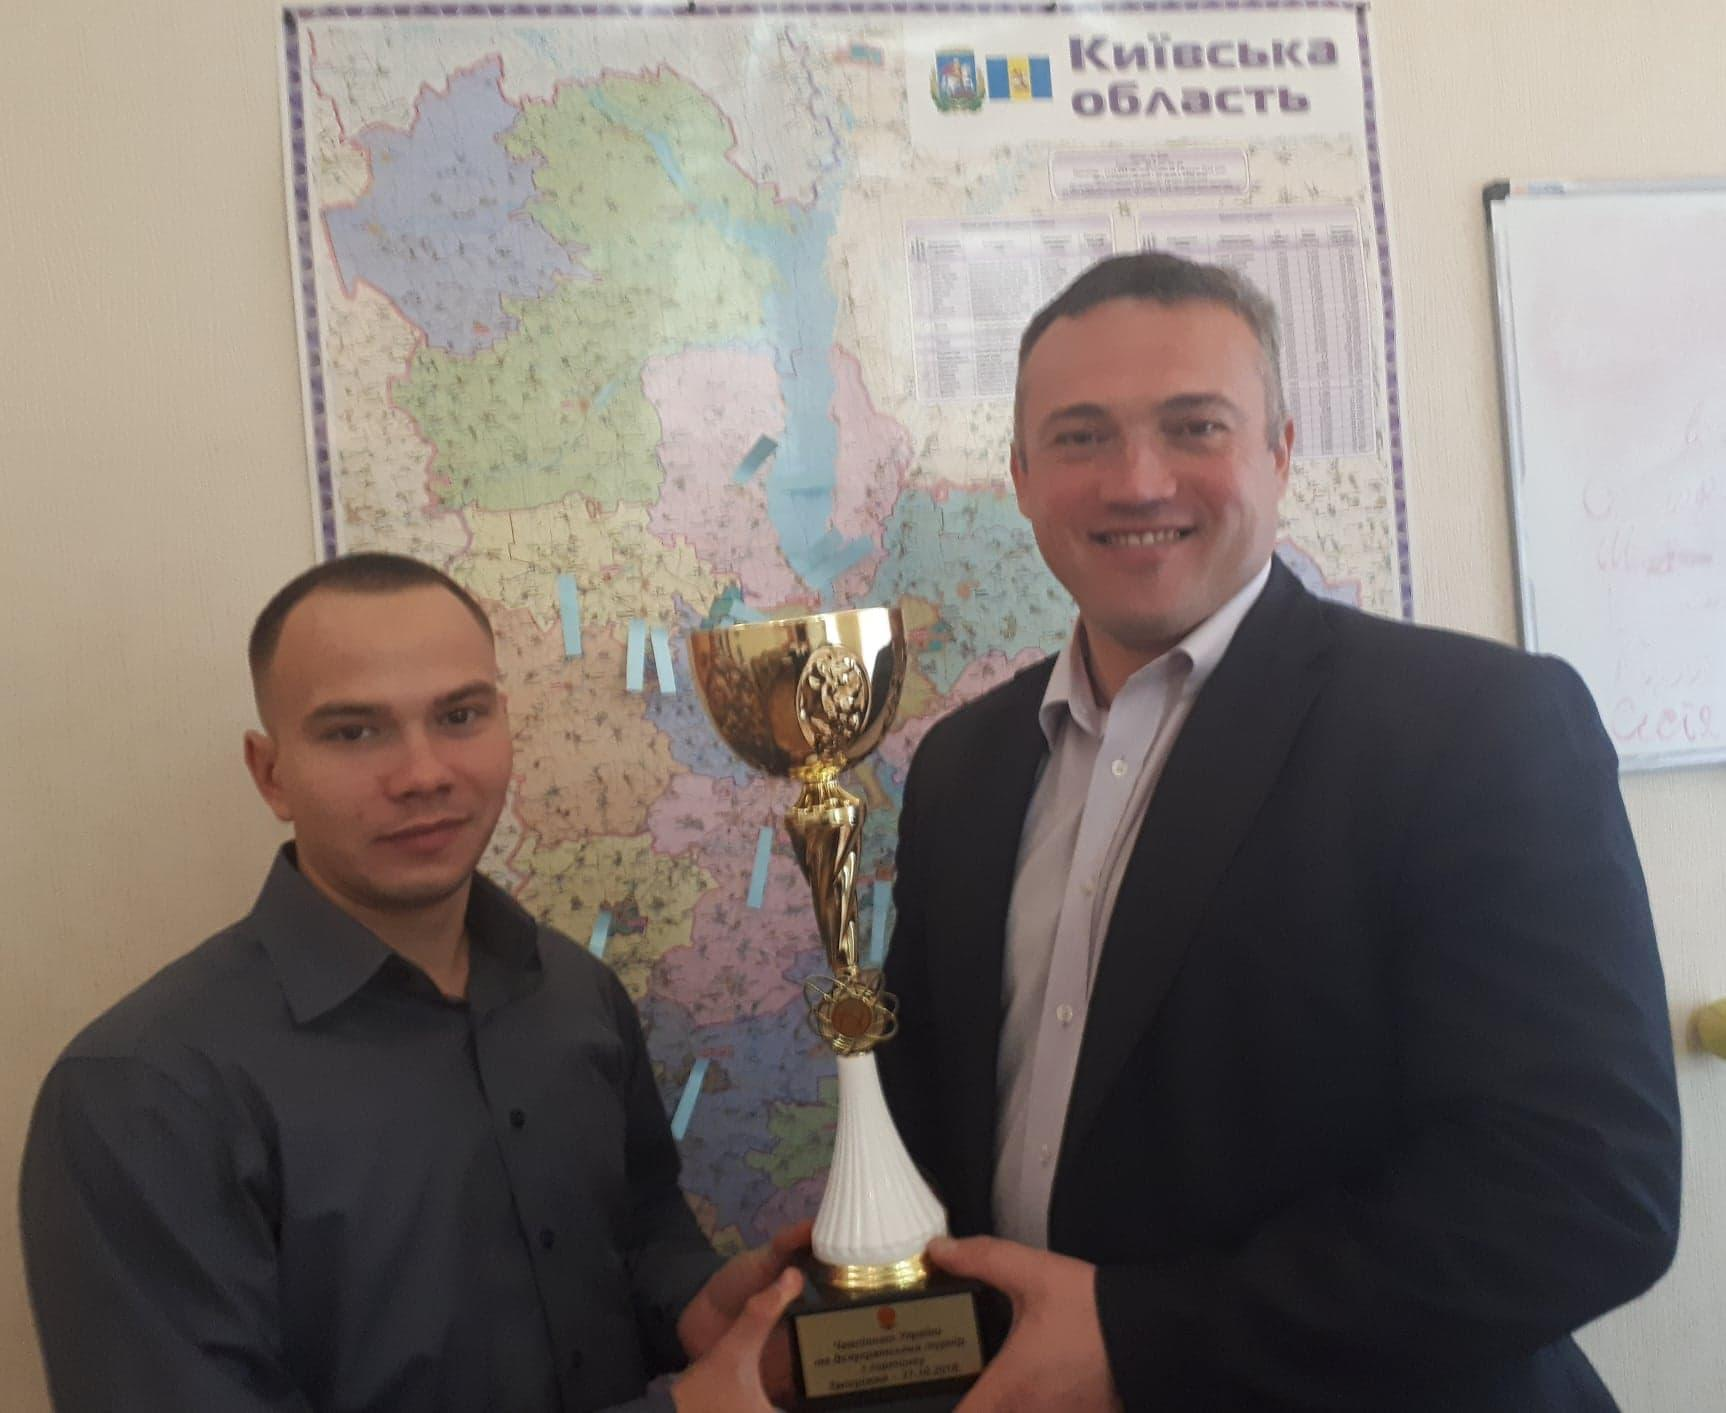 Сергій Тимофєєв зустрівся з Олександром Васюком. Фото